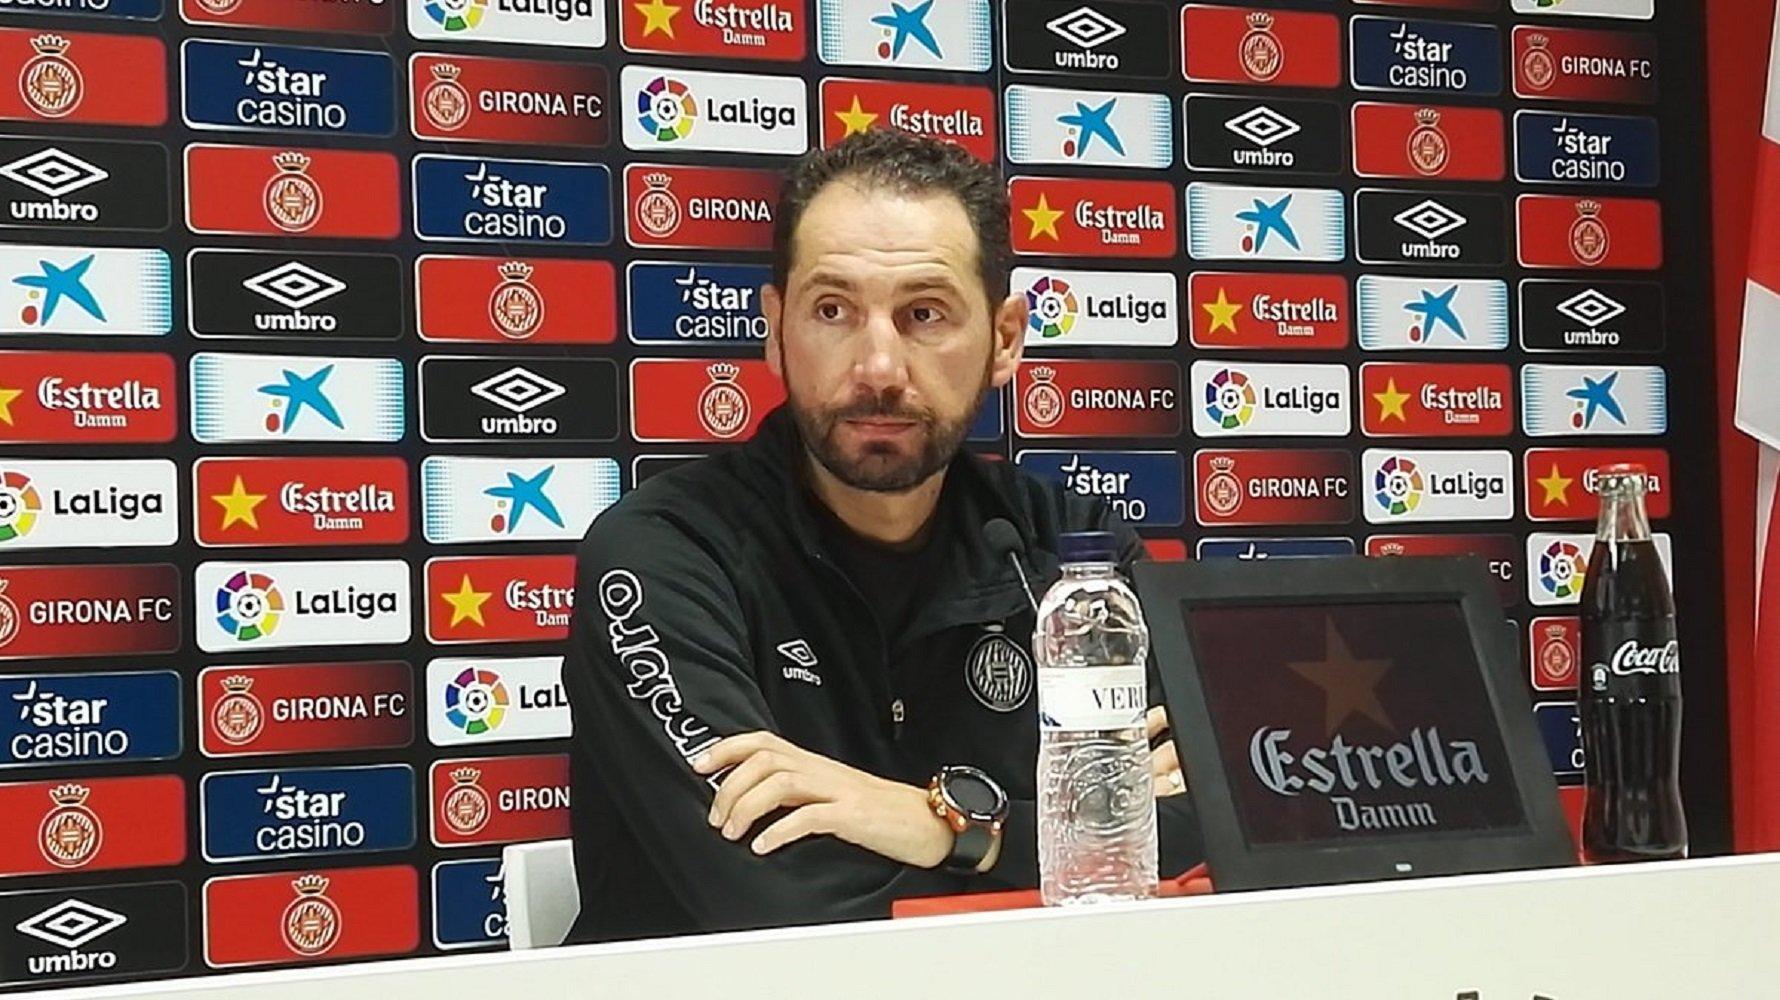 Pablo Machín Girona @GironaFC